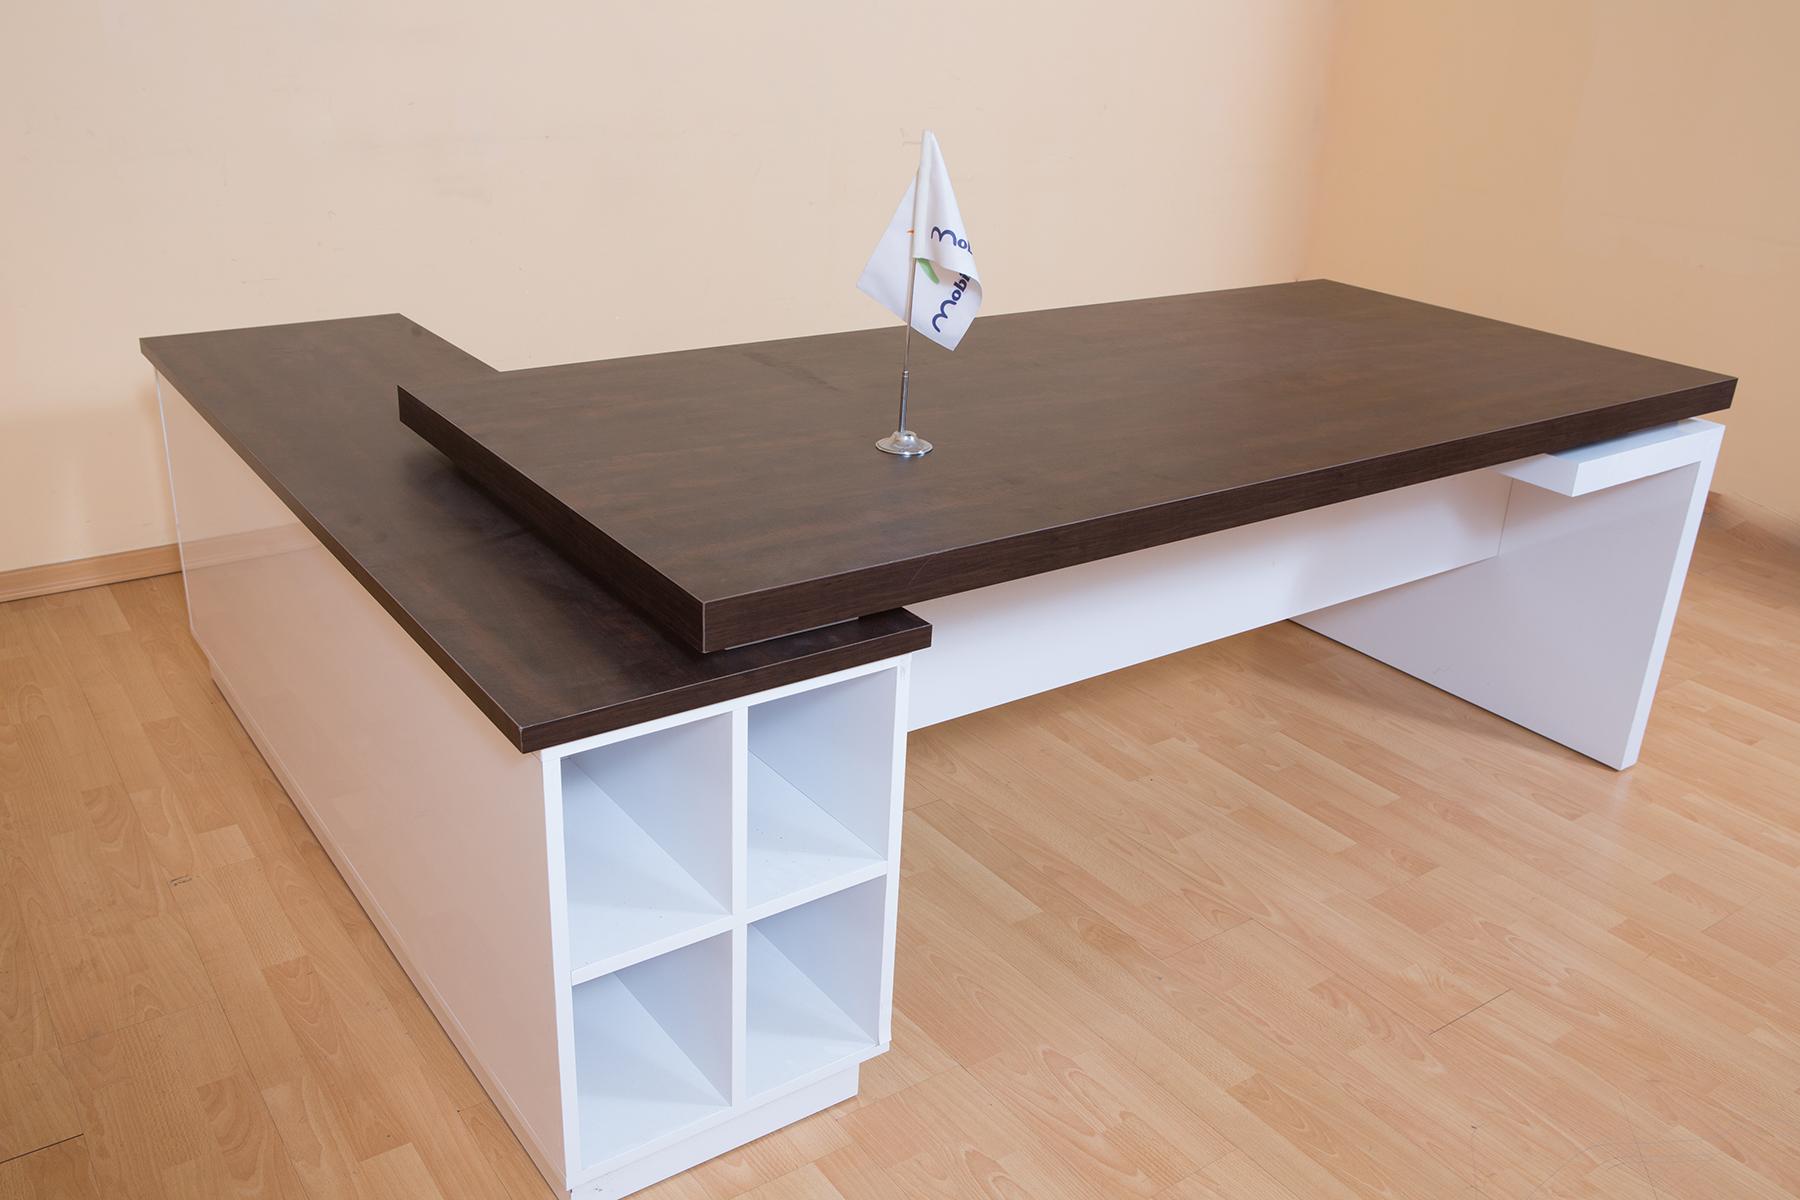 מערכת שולחן מנהל דגם זודיאק